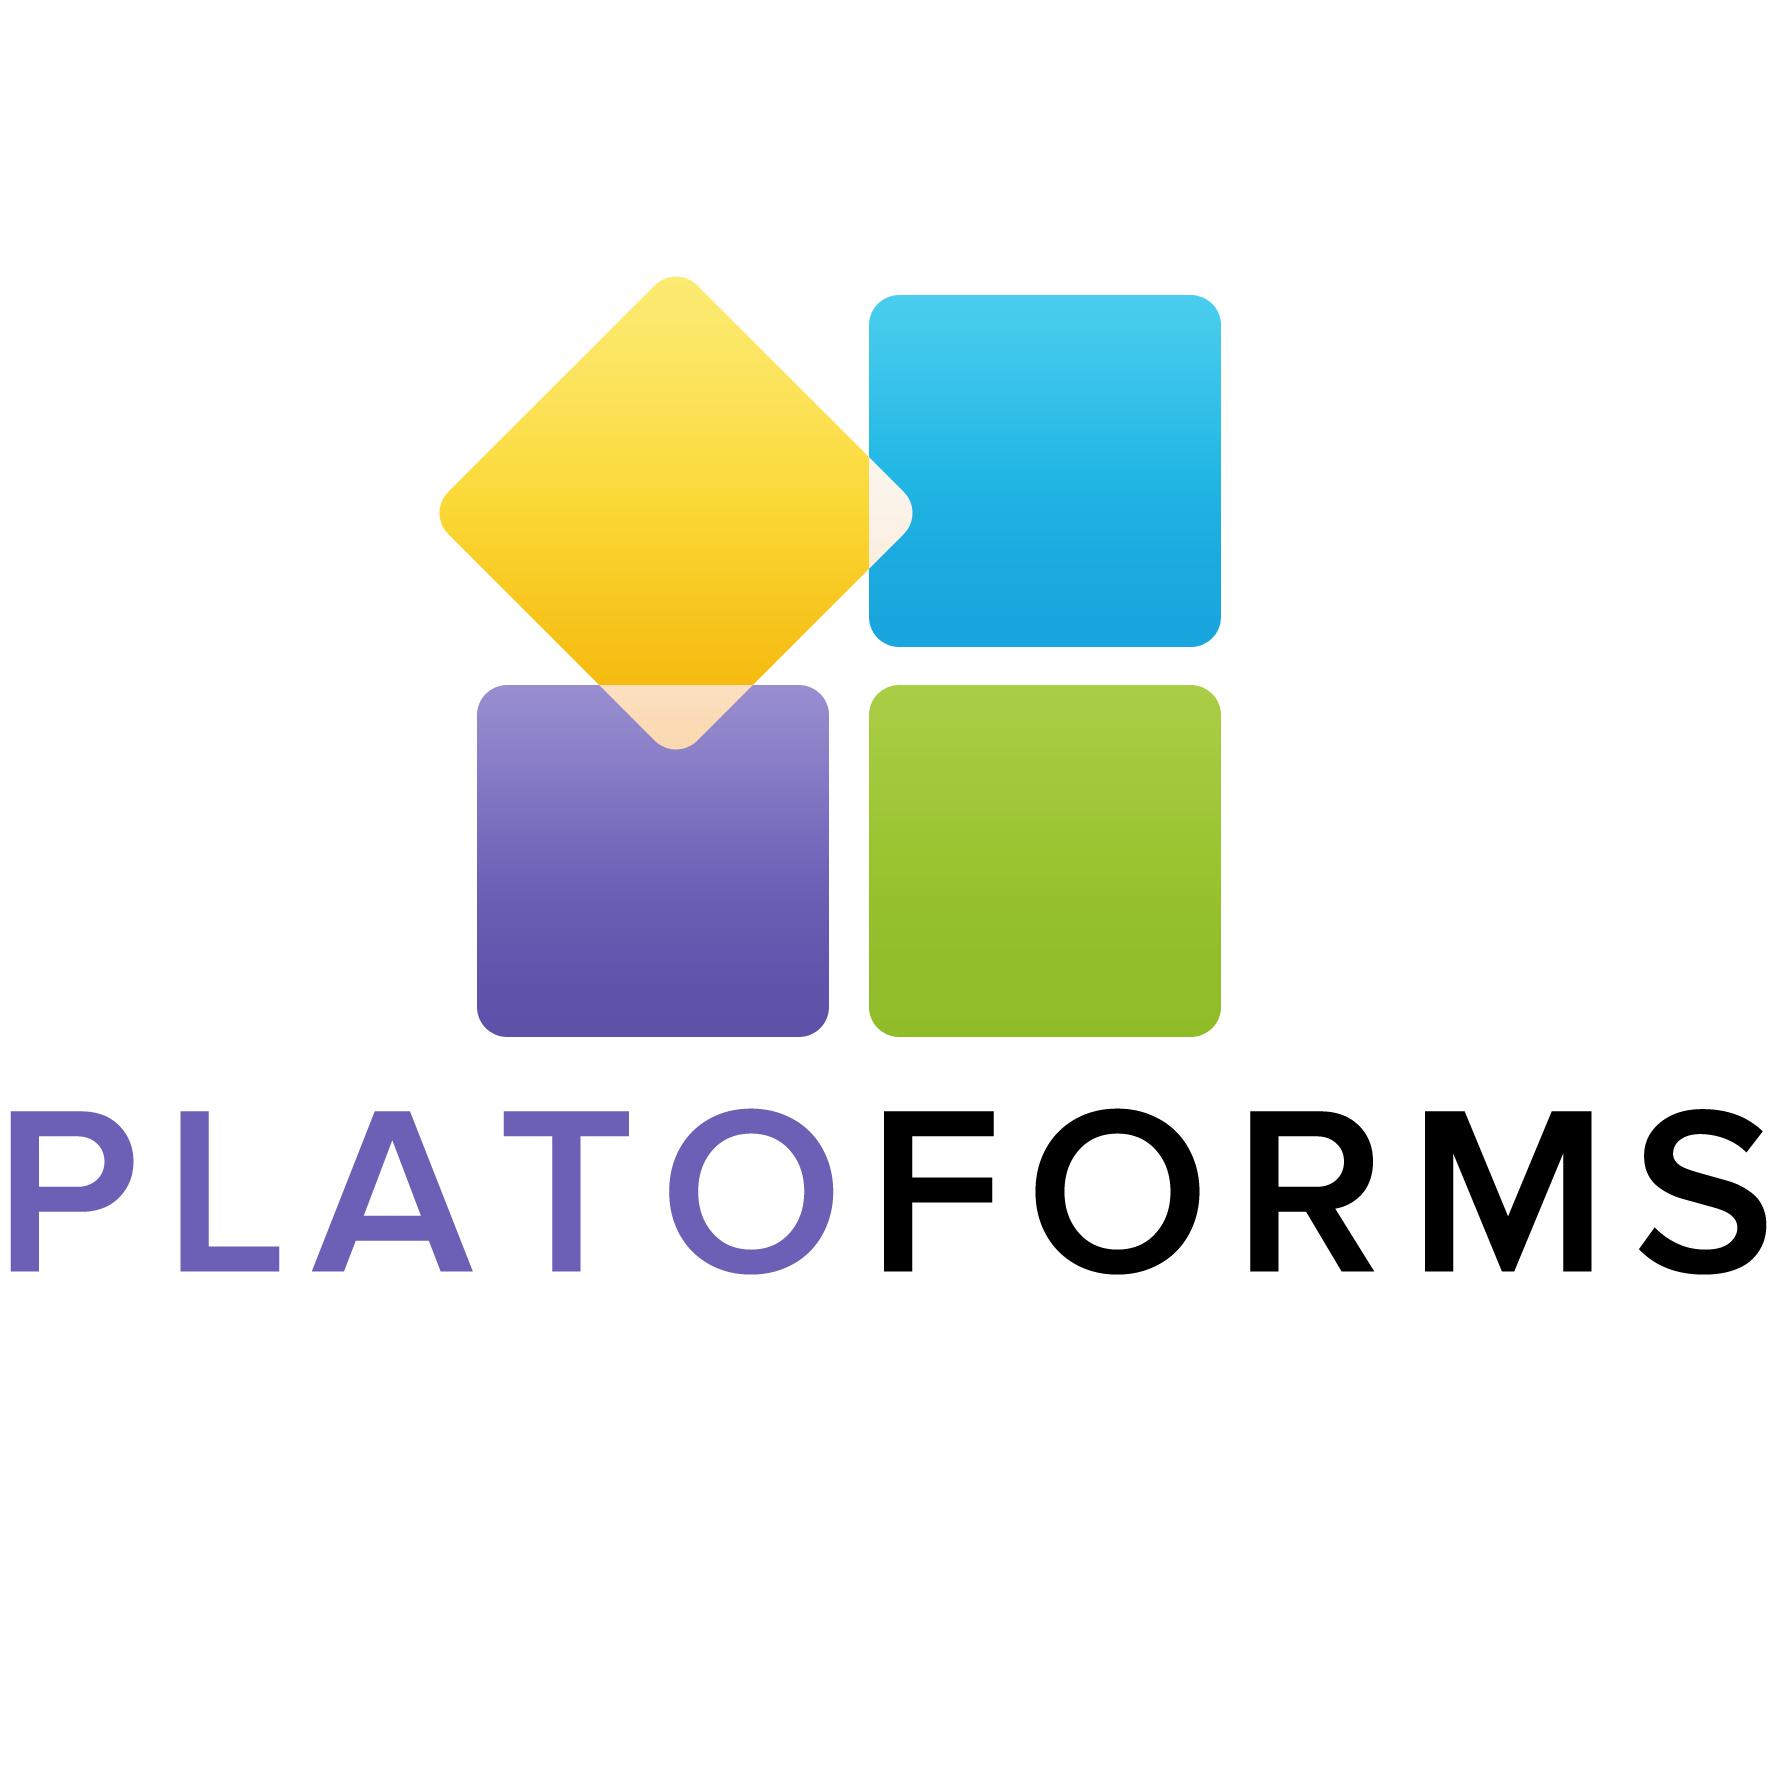 PlatoForms